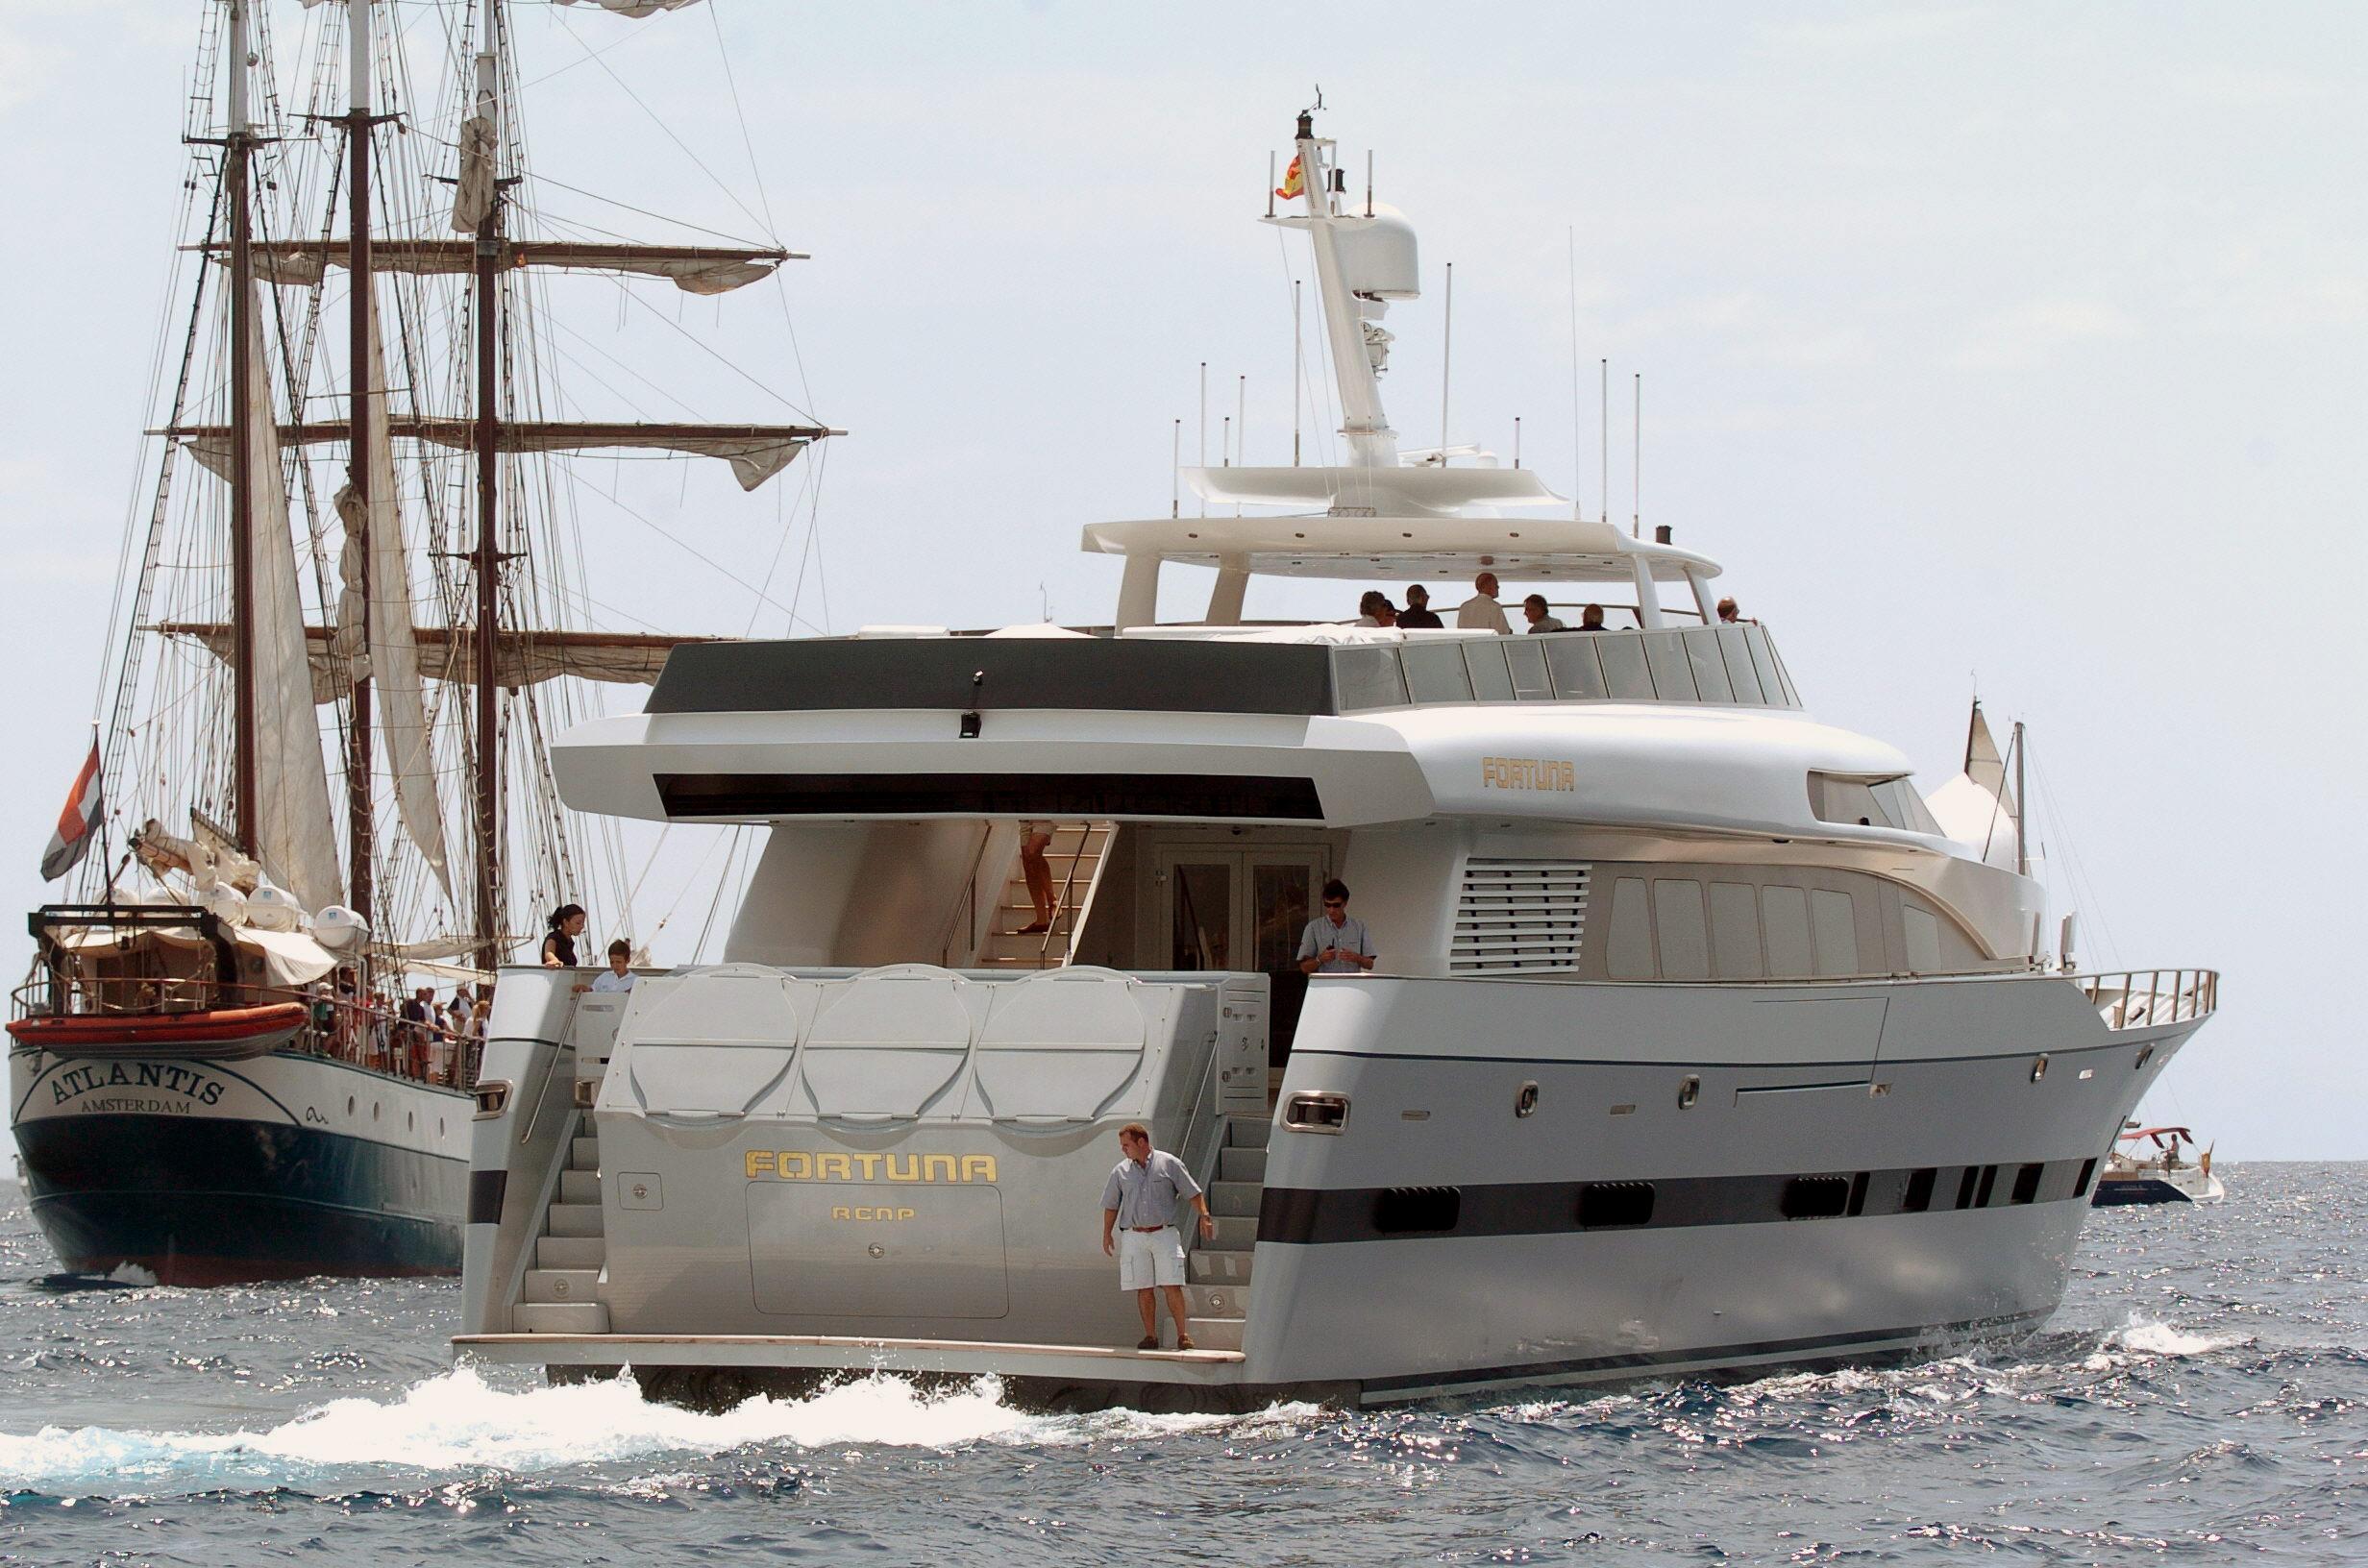 El yate «Fortuna» vuelve a manos de los empresarios que lo donaron al Rey